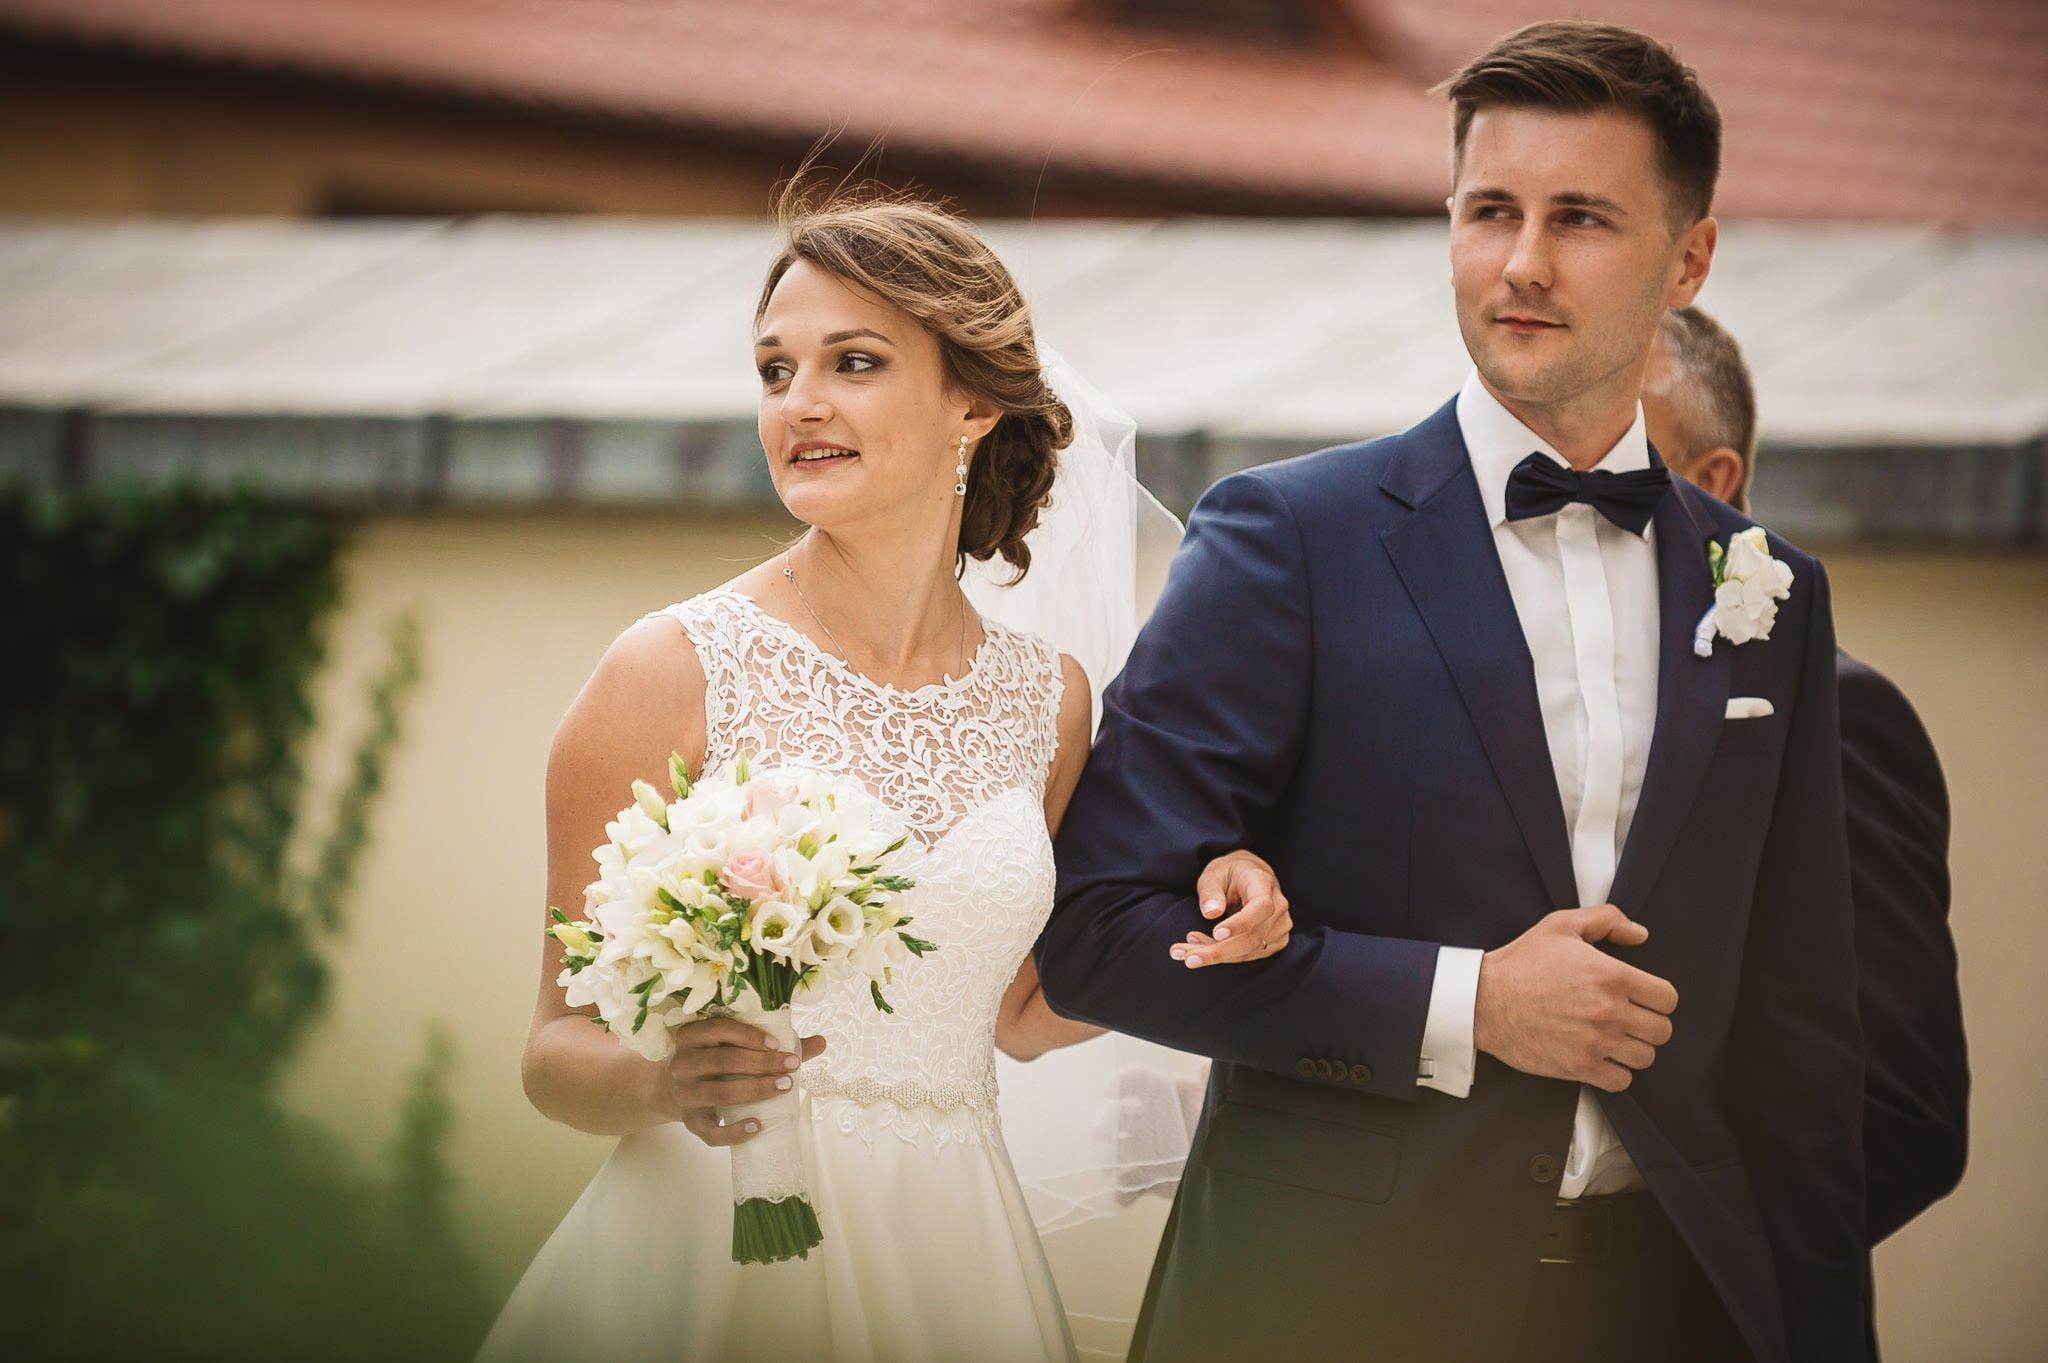 Monika i Michał, wesele w Paryżu i sesja plenerowa w stadninie koni w Czołowie 84